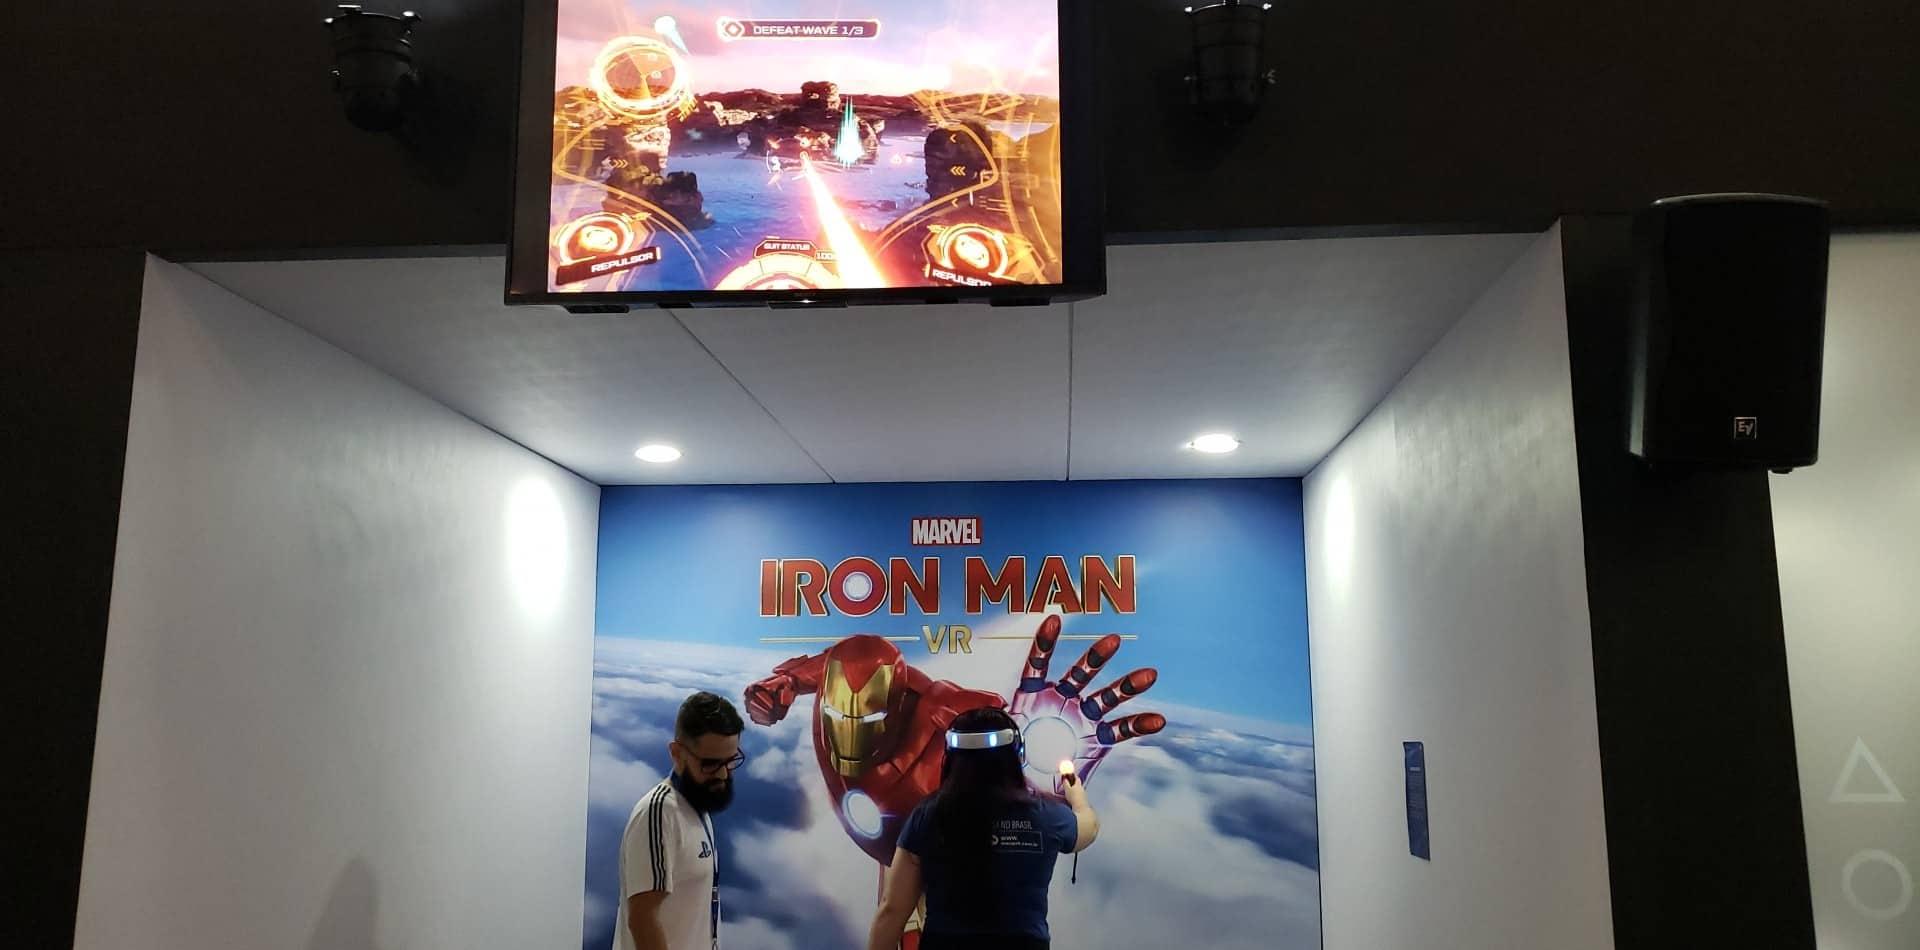 Testamos na BGS: Iron Man VR realiza o sonho de toda criança 4